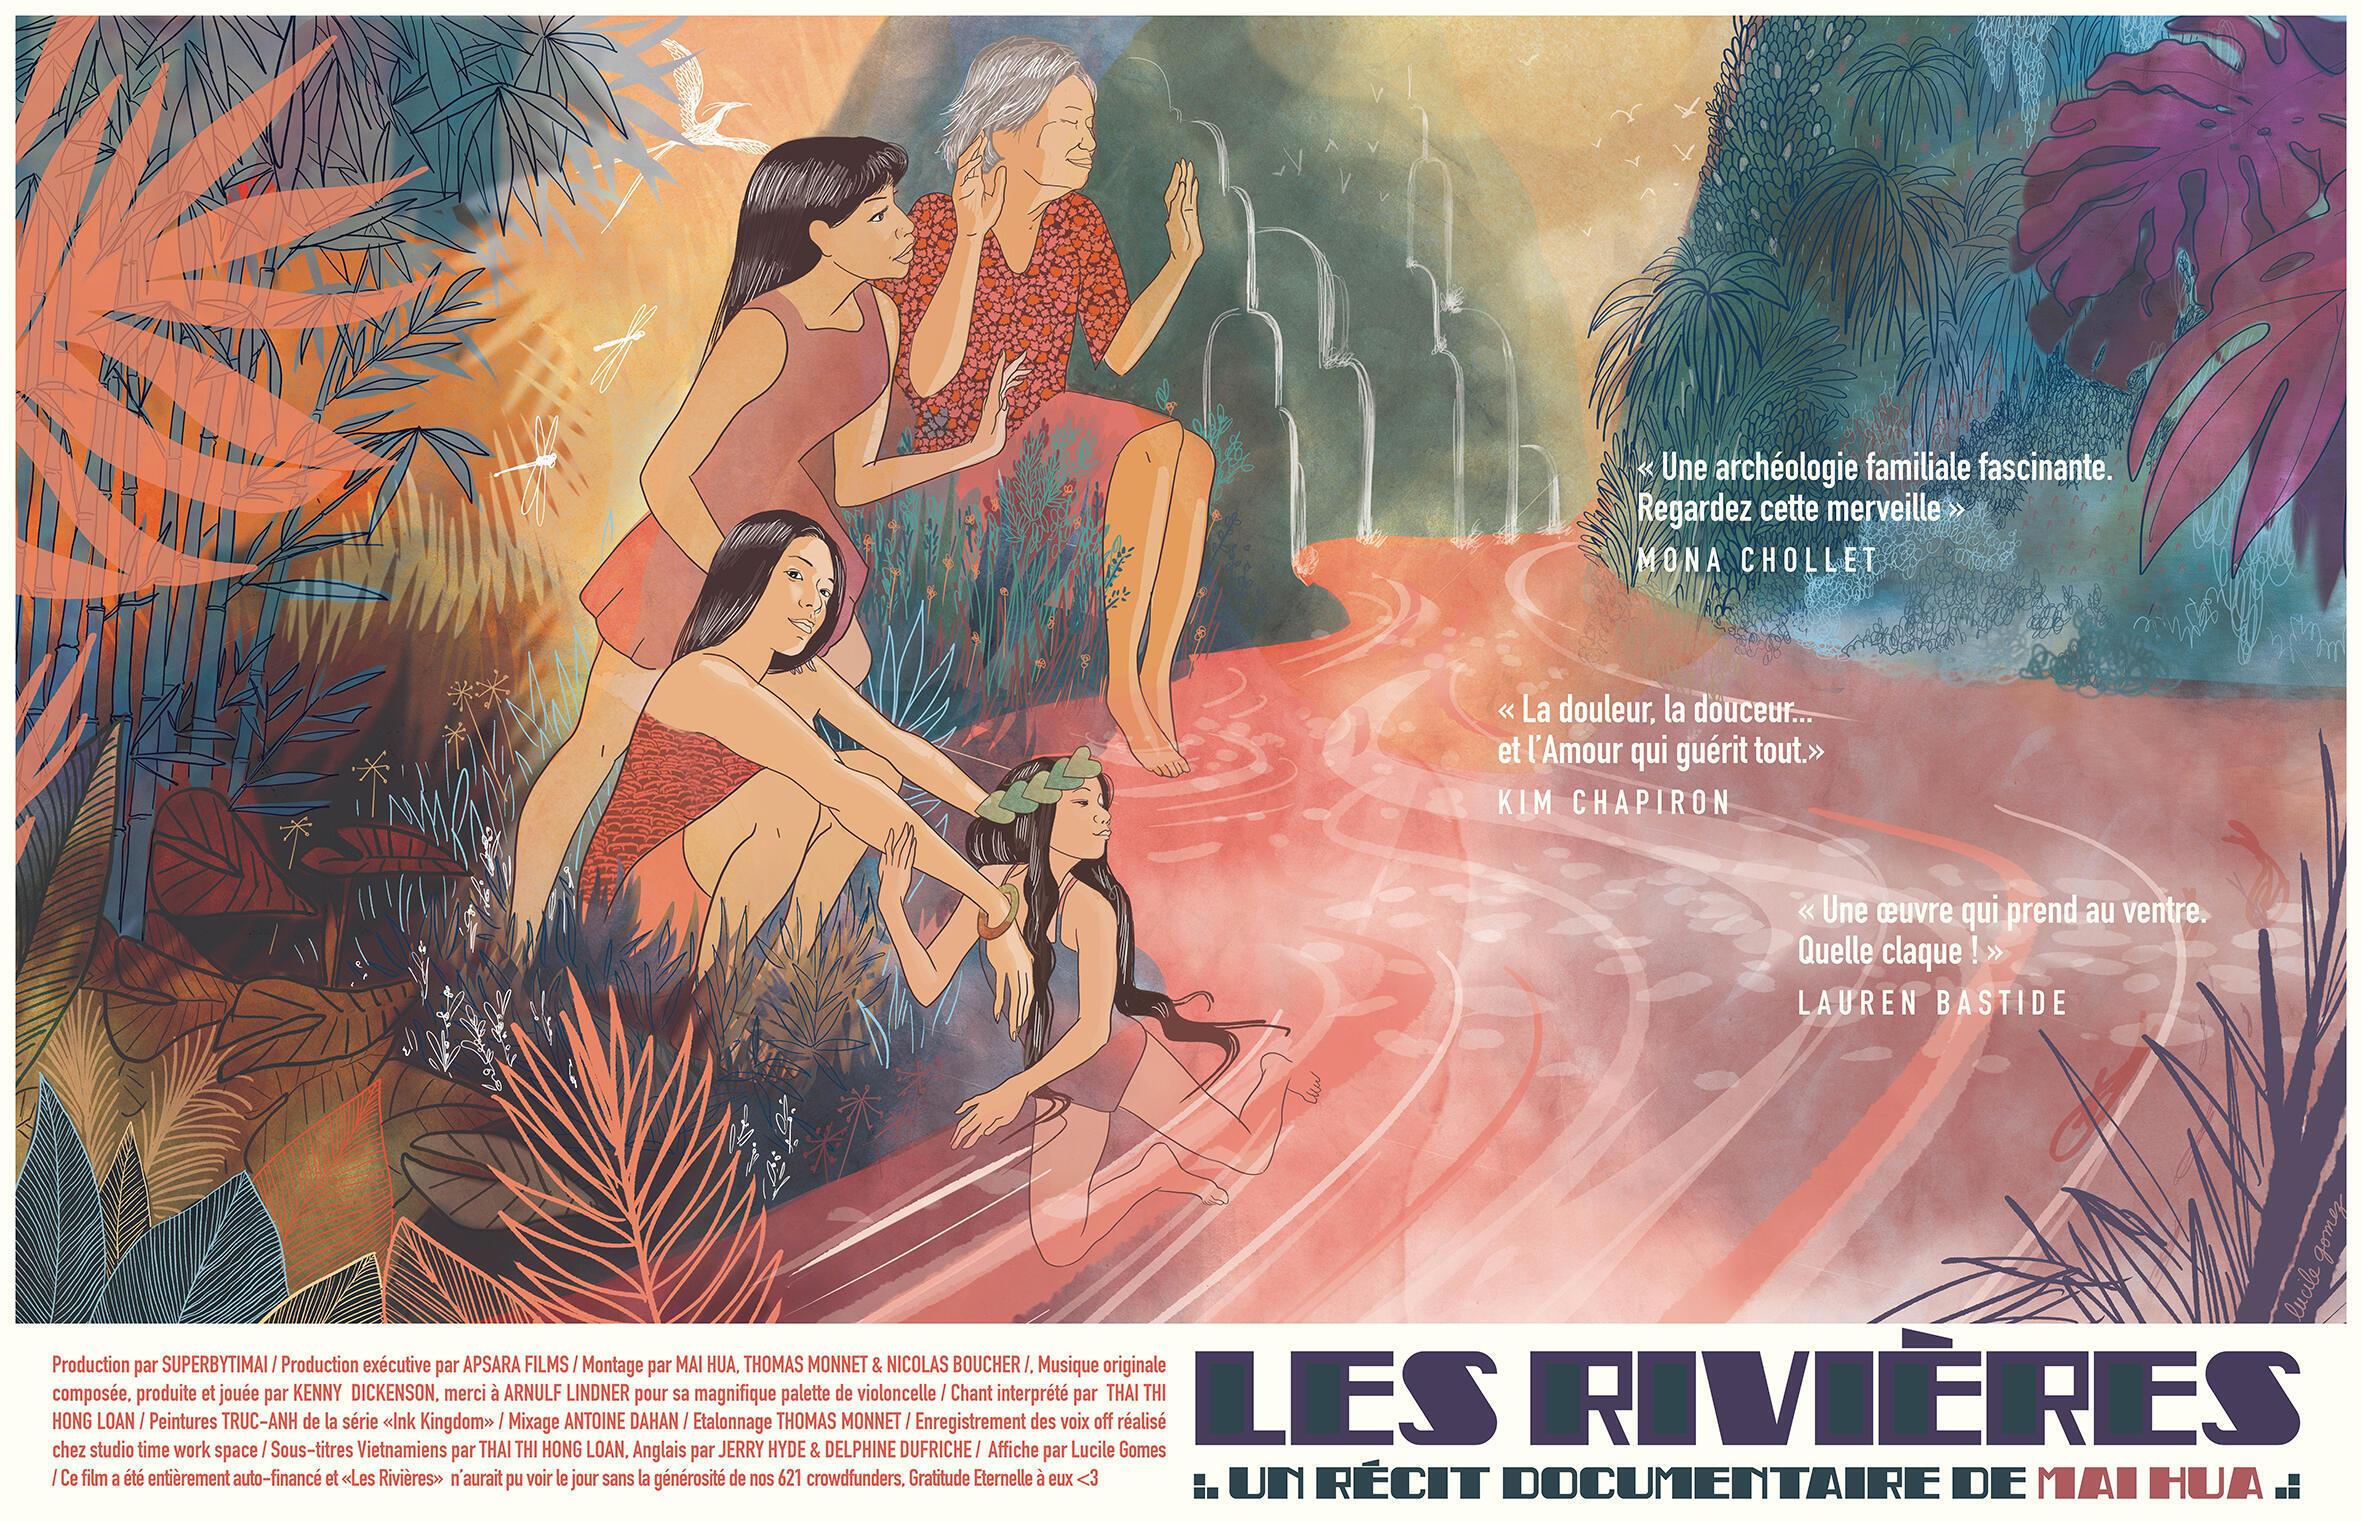 Áp phích phim Les Rivières (Những dòng sông) của Mai Hua.